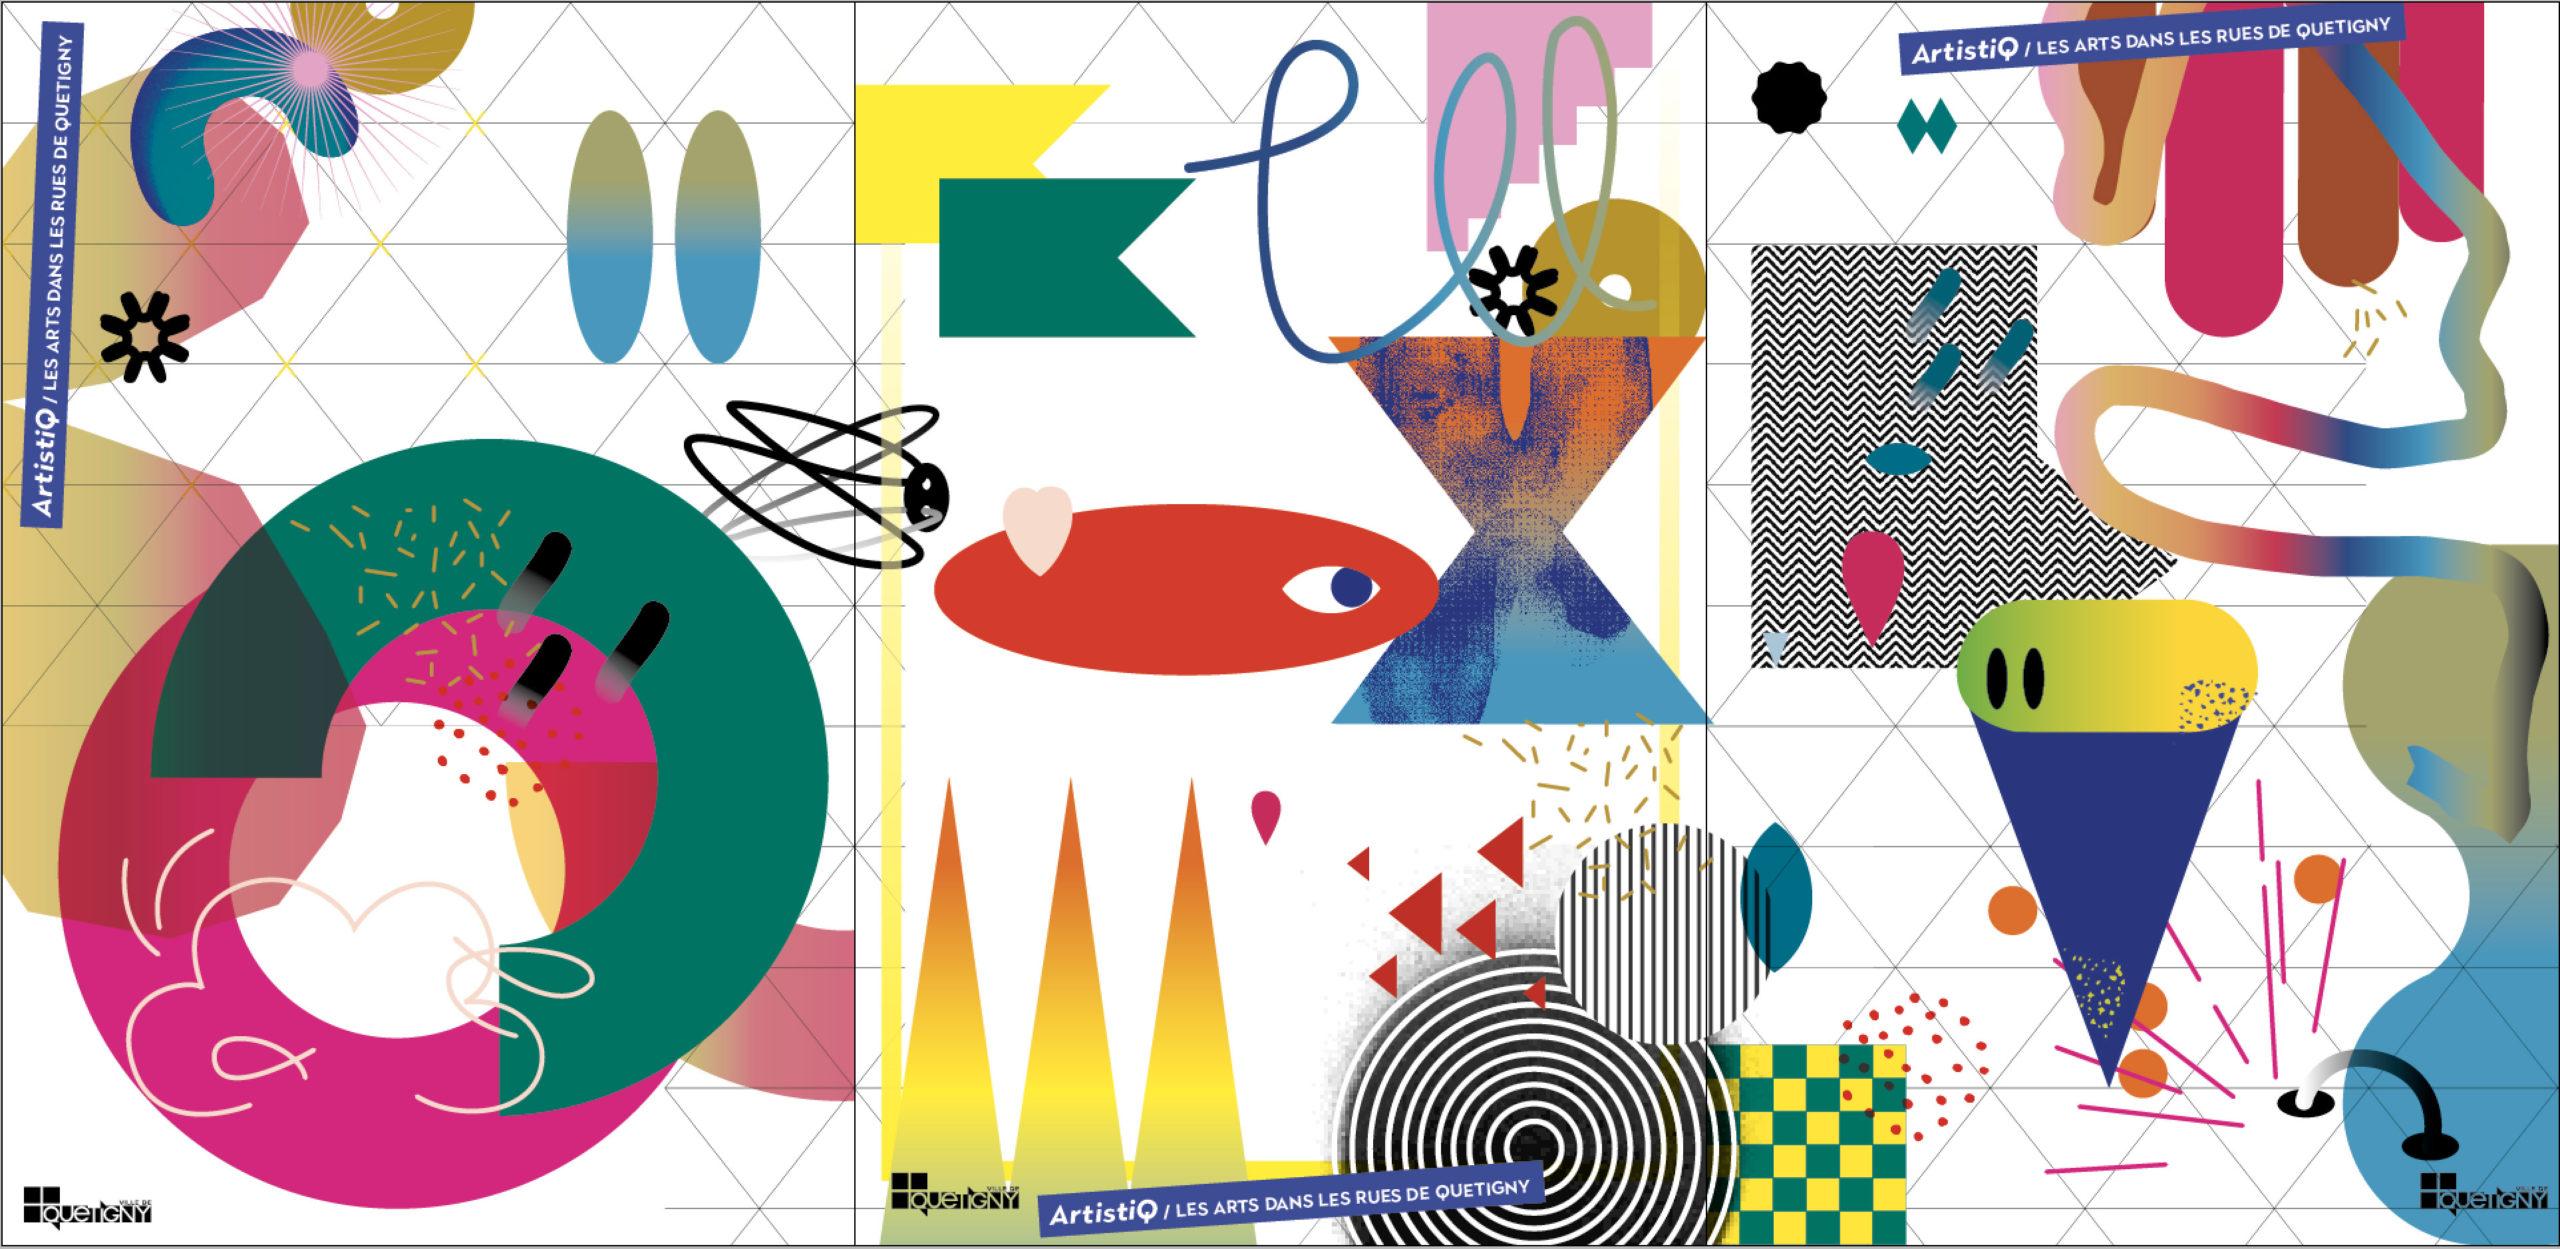 3affiches-ArtistiQ-3def